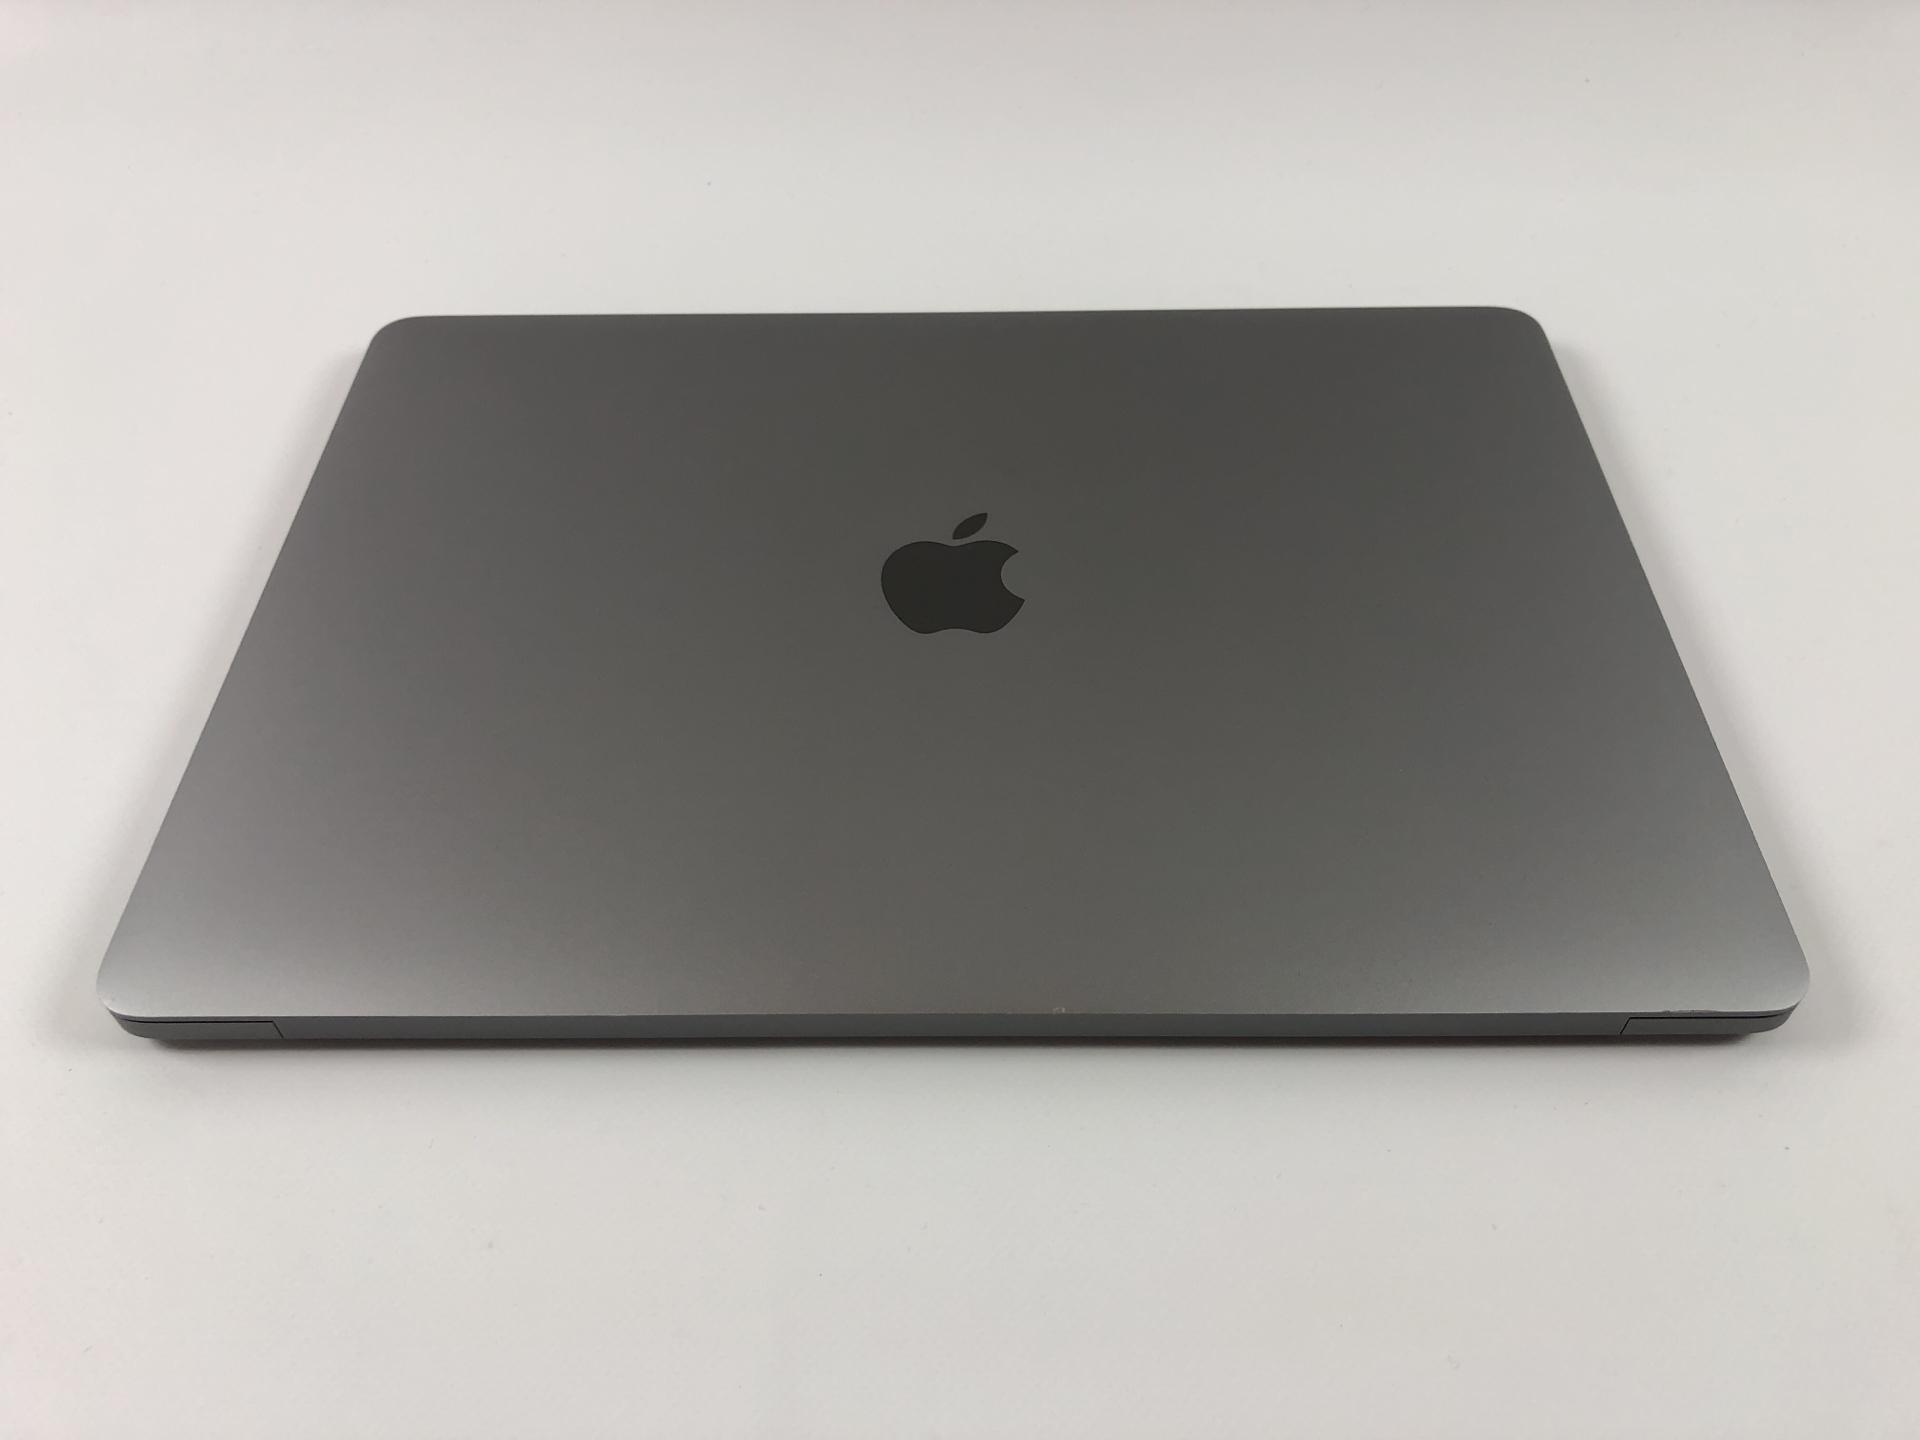 """MacBook Pro 13"""" 4TBT Mid 2017 (Intel Core i5 3.1 GHz 8 GB RAM 256 GB SSD), Space Gray, Intel Core i5 3.1 GHz, 8 GB RAM, 256 GB SSD, bild 2"""